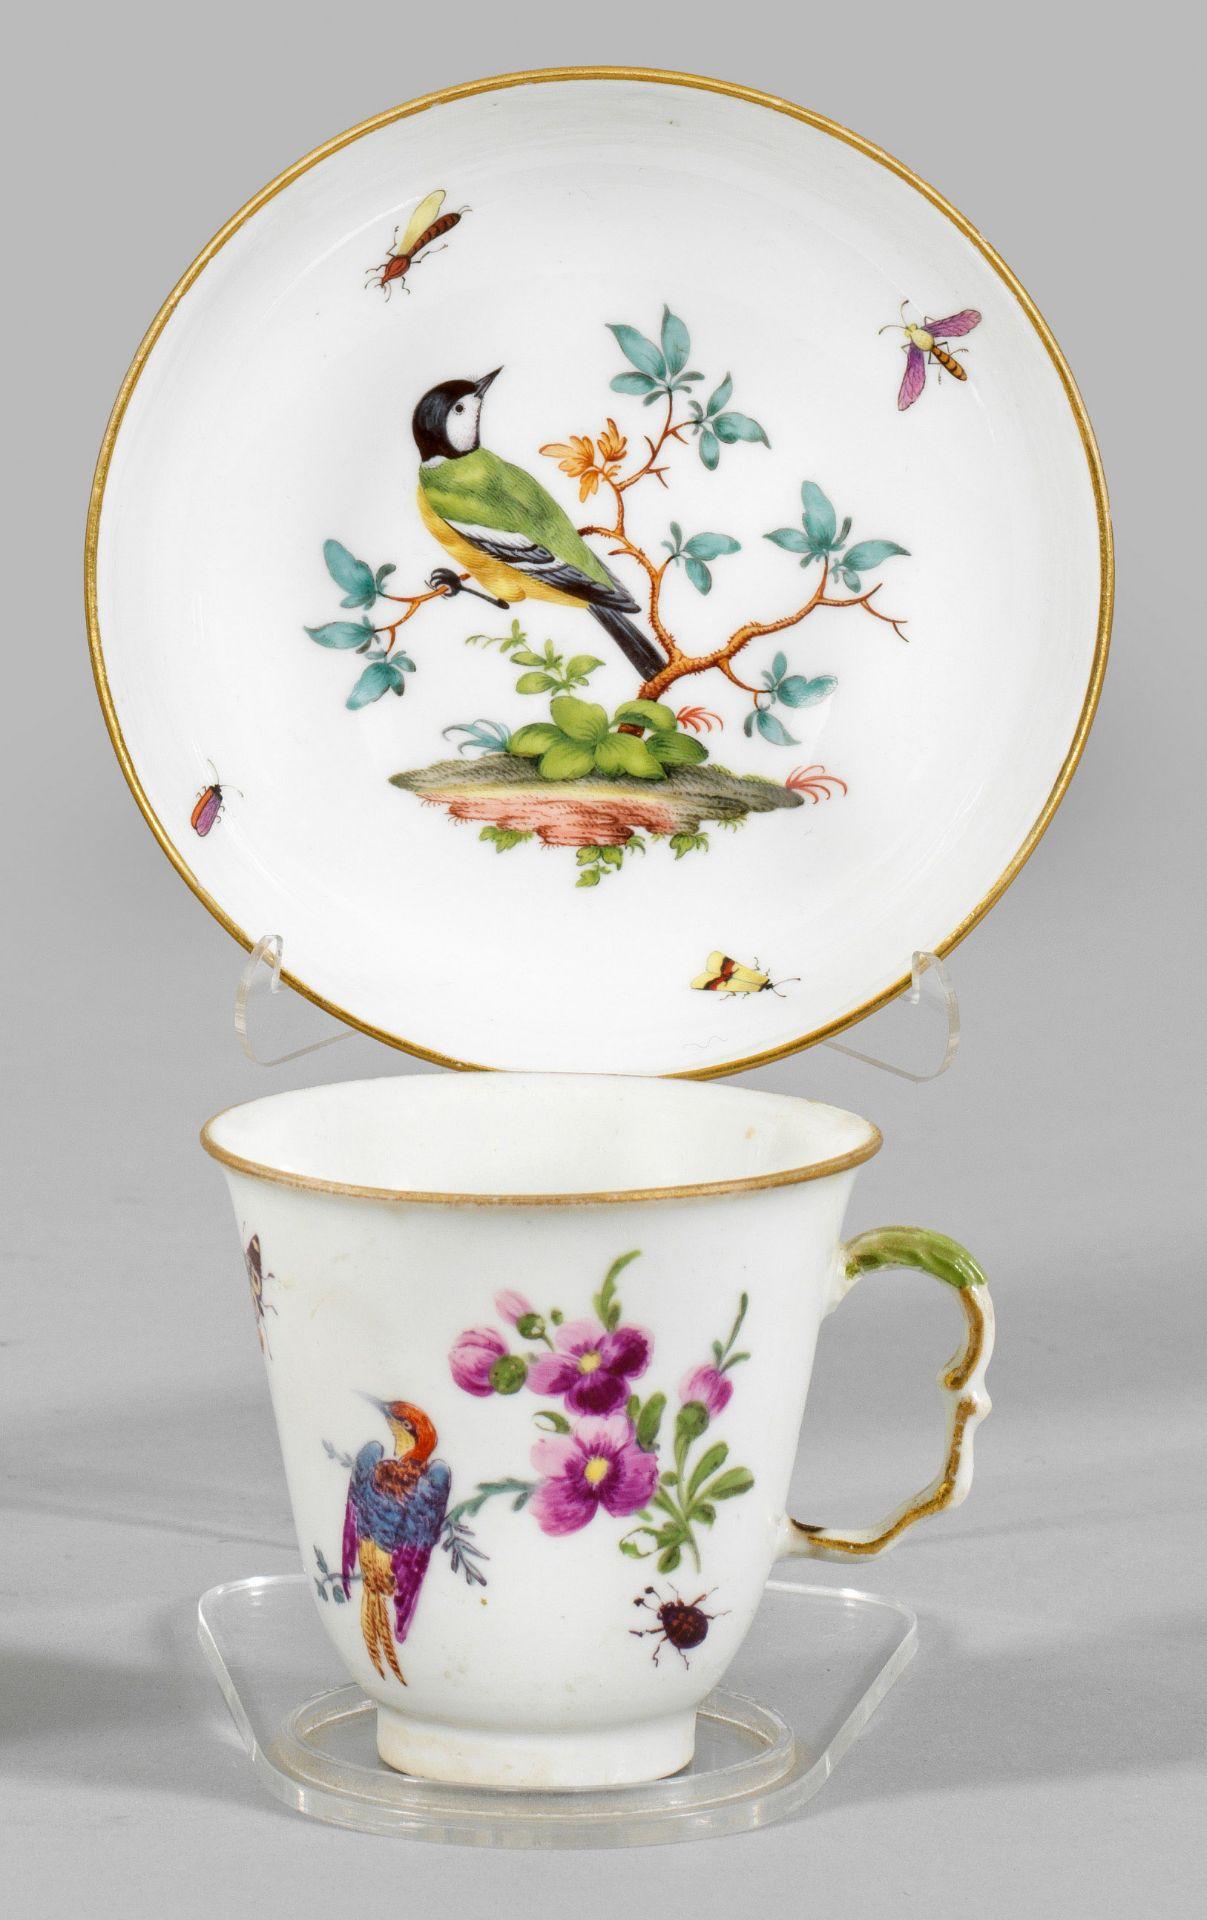 Ziertasse mit Vogel- und Blumendekor - Bild 2 aus 2